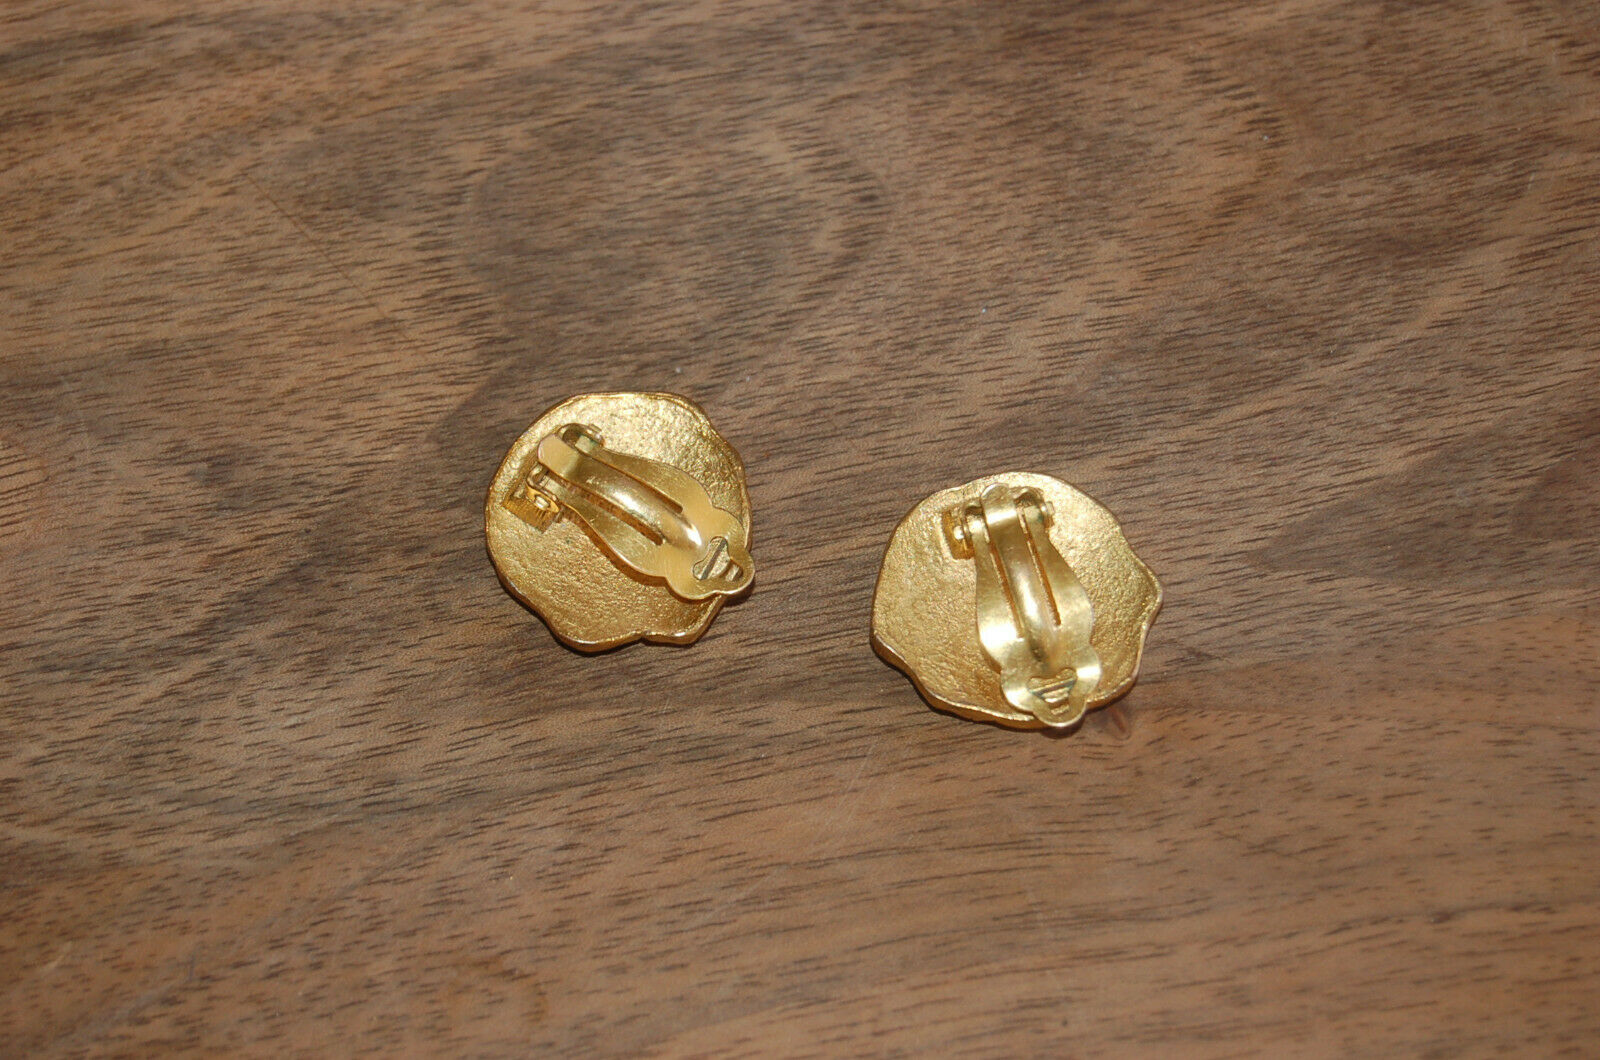 Boucles d'oreille à pince en métal doré  vintage CARASAGA CARASAGA CARASAGA Paris 2 5 cm 70029d